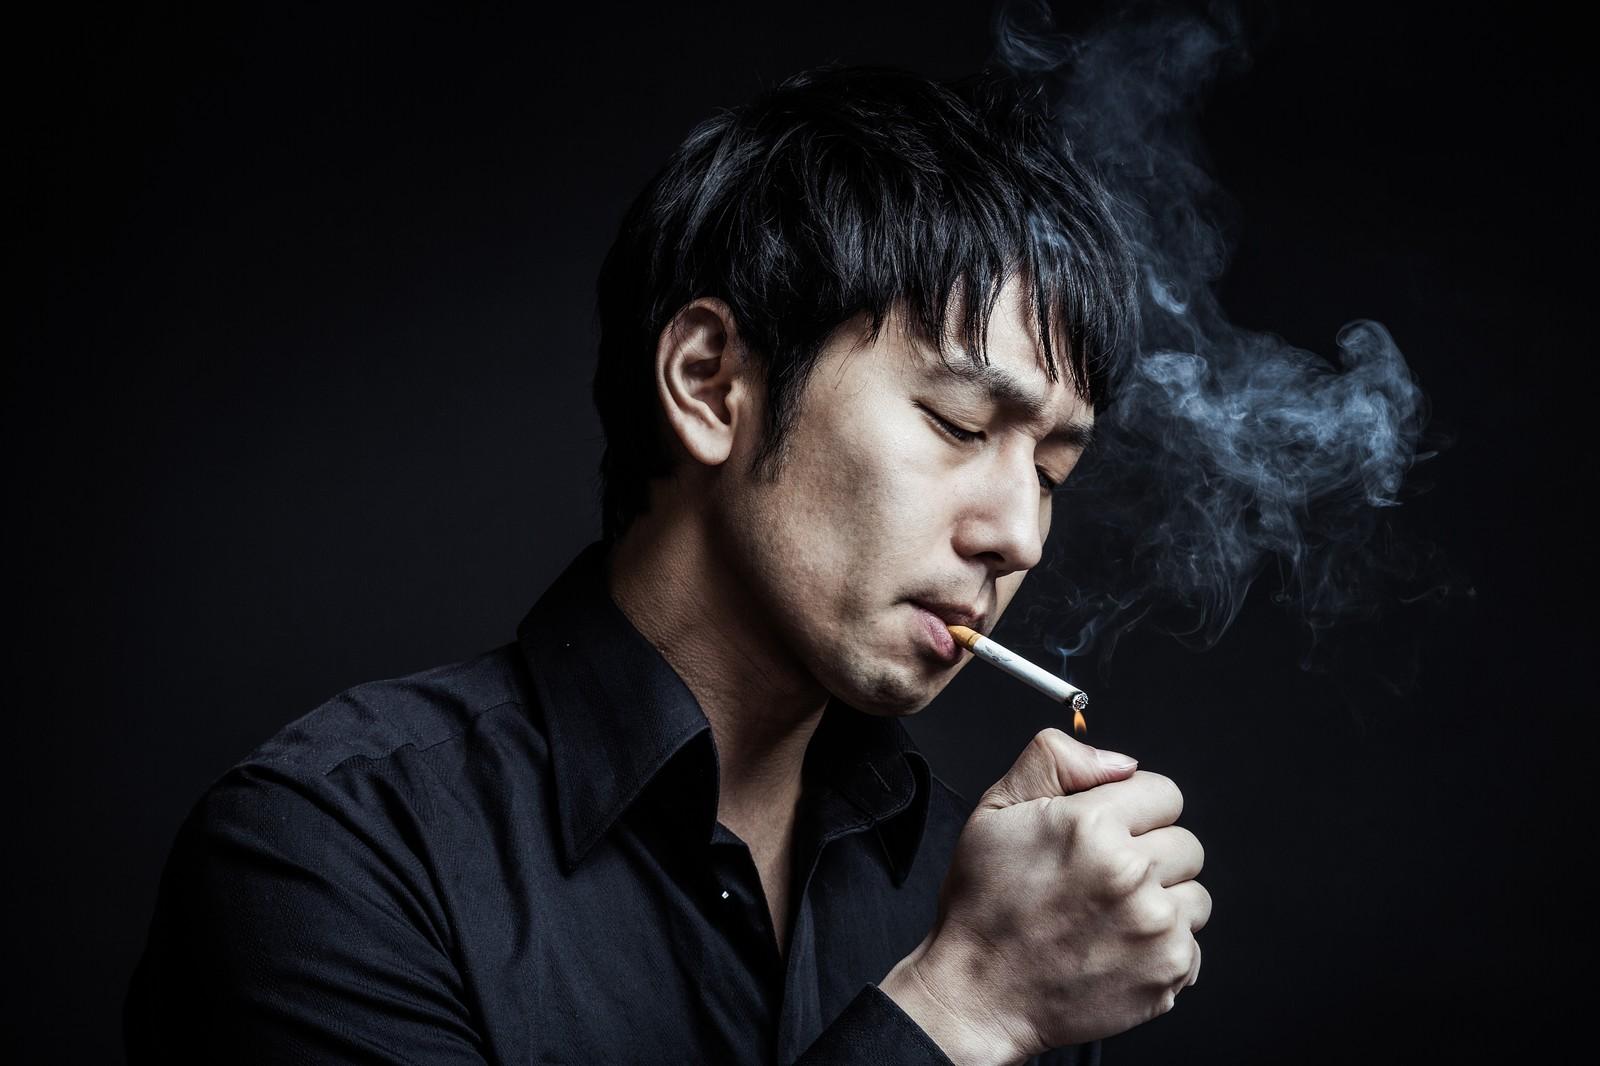 タバコを止める